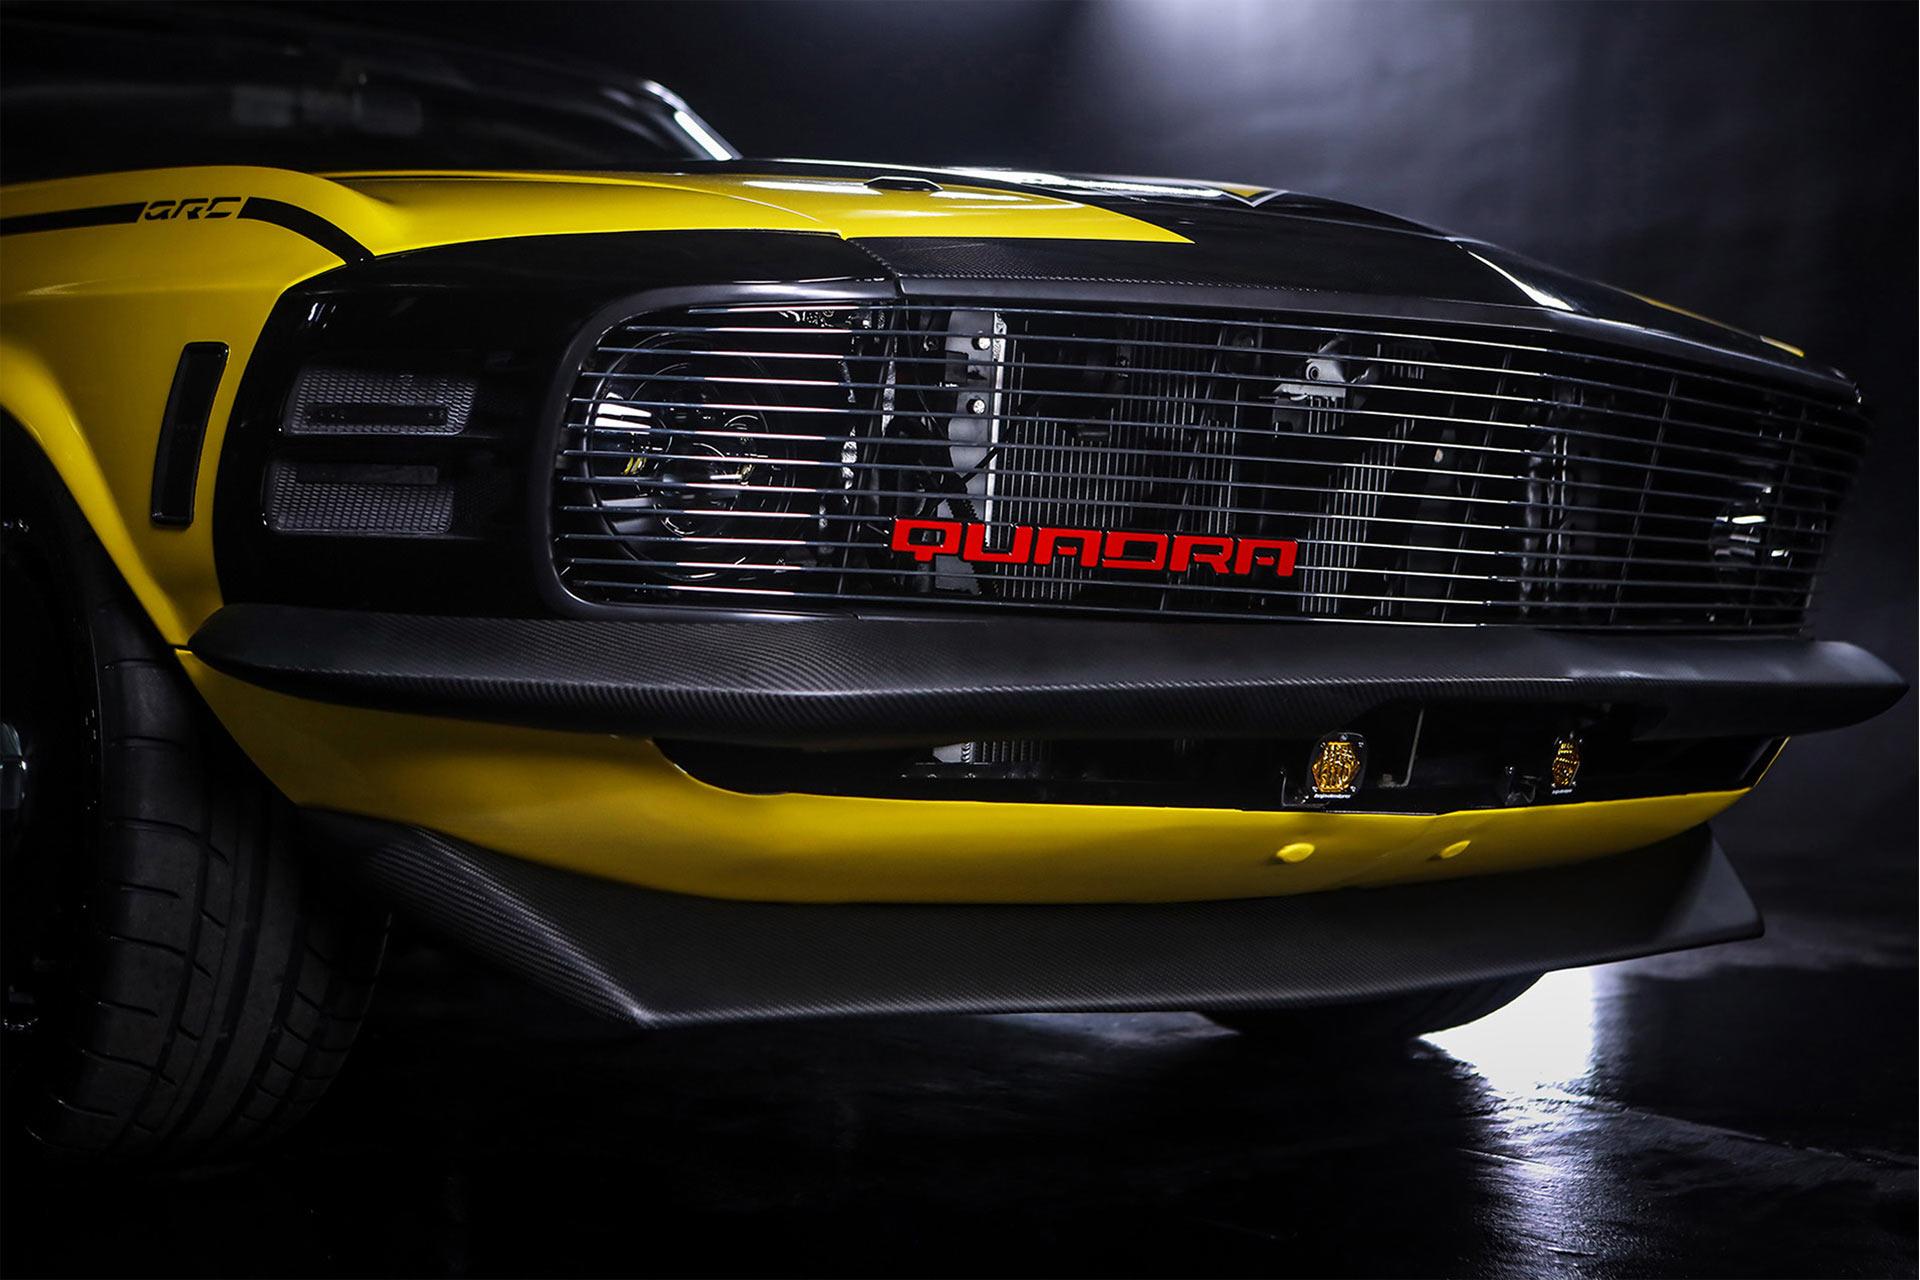 Cyberpunk 2077 Mustang